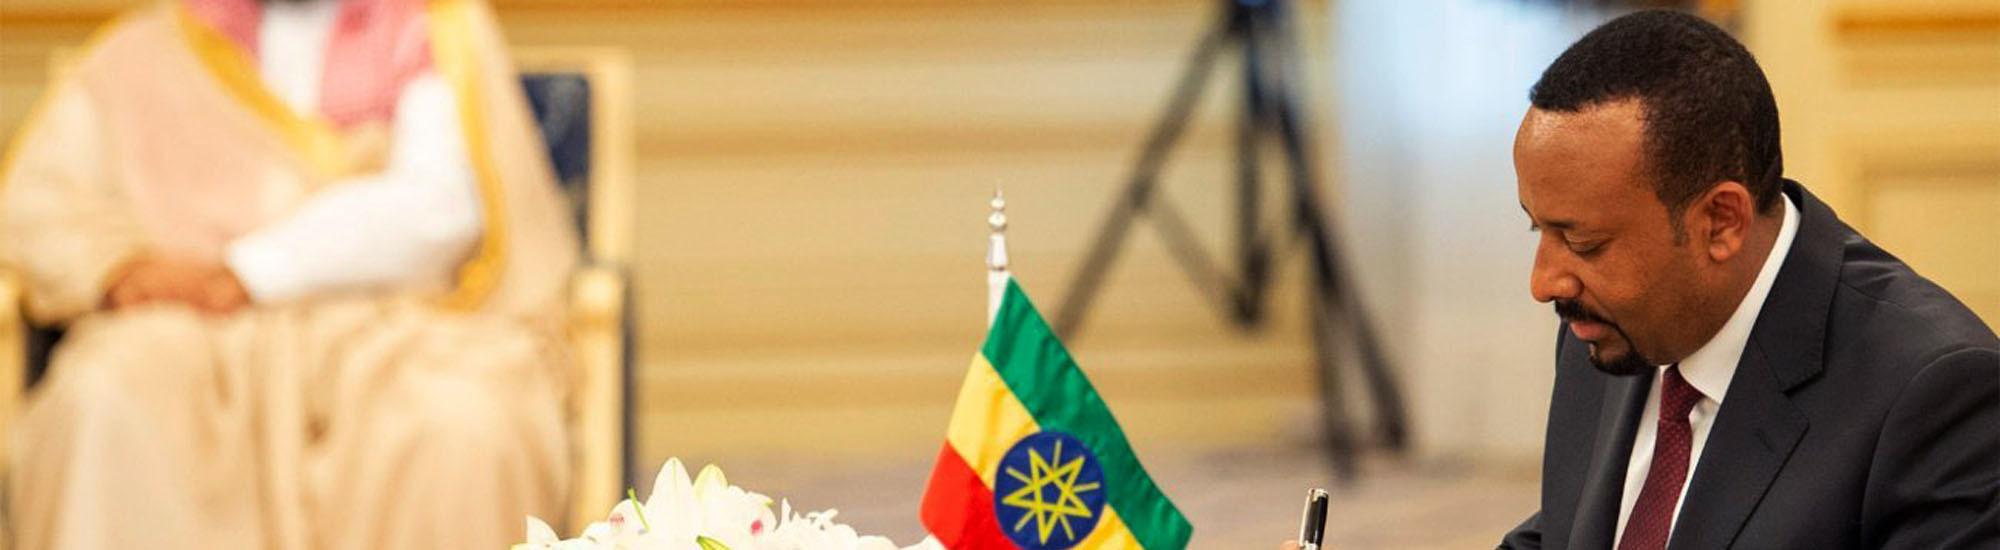 Abiy Ahmed bei der Unterzeichnung des Friedensvertrags mit Eritrea in Saudi-Arabien.